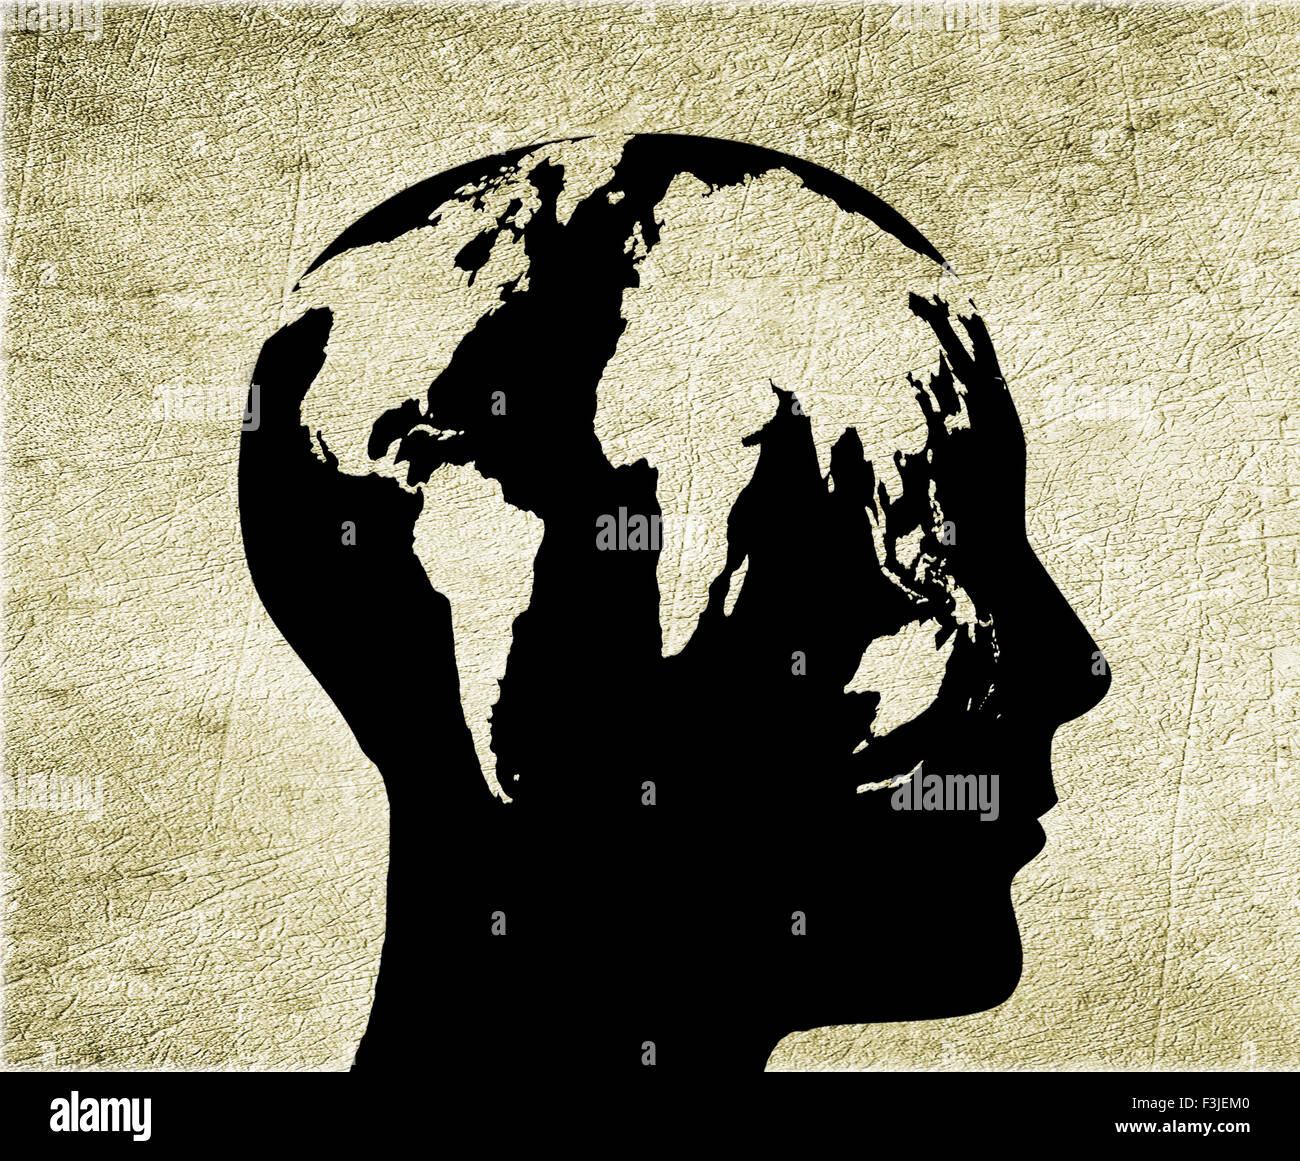 Uomo con testa mondiale illustrazione digitale Immagini Stock